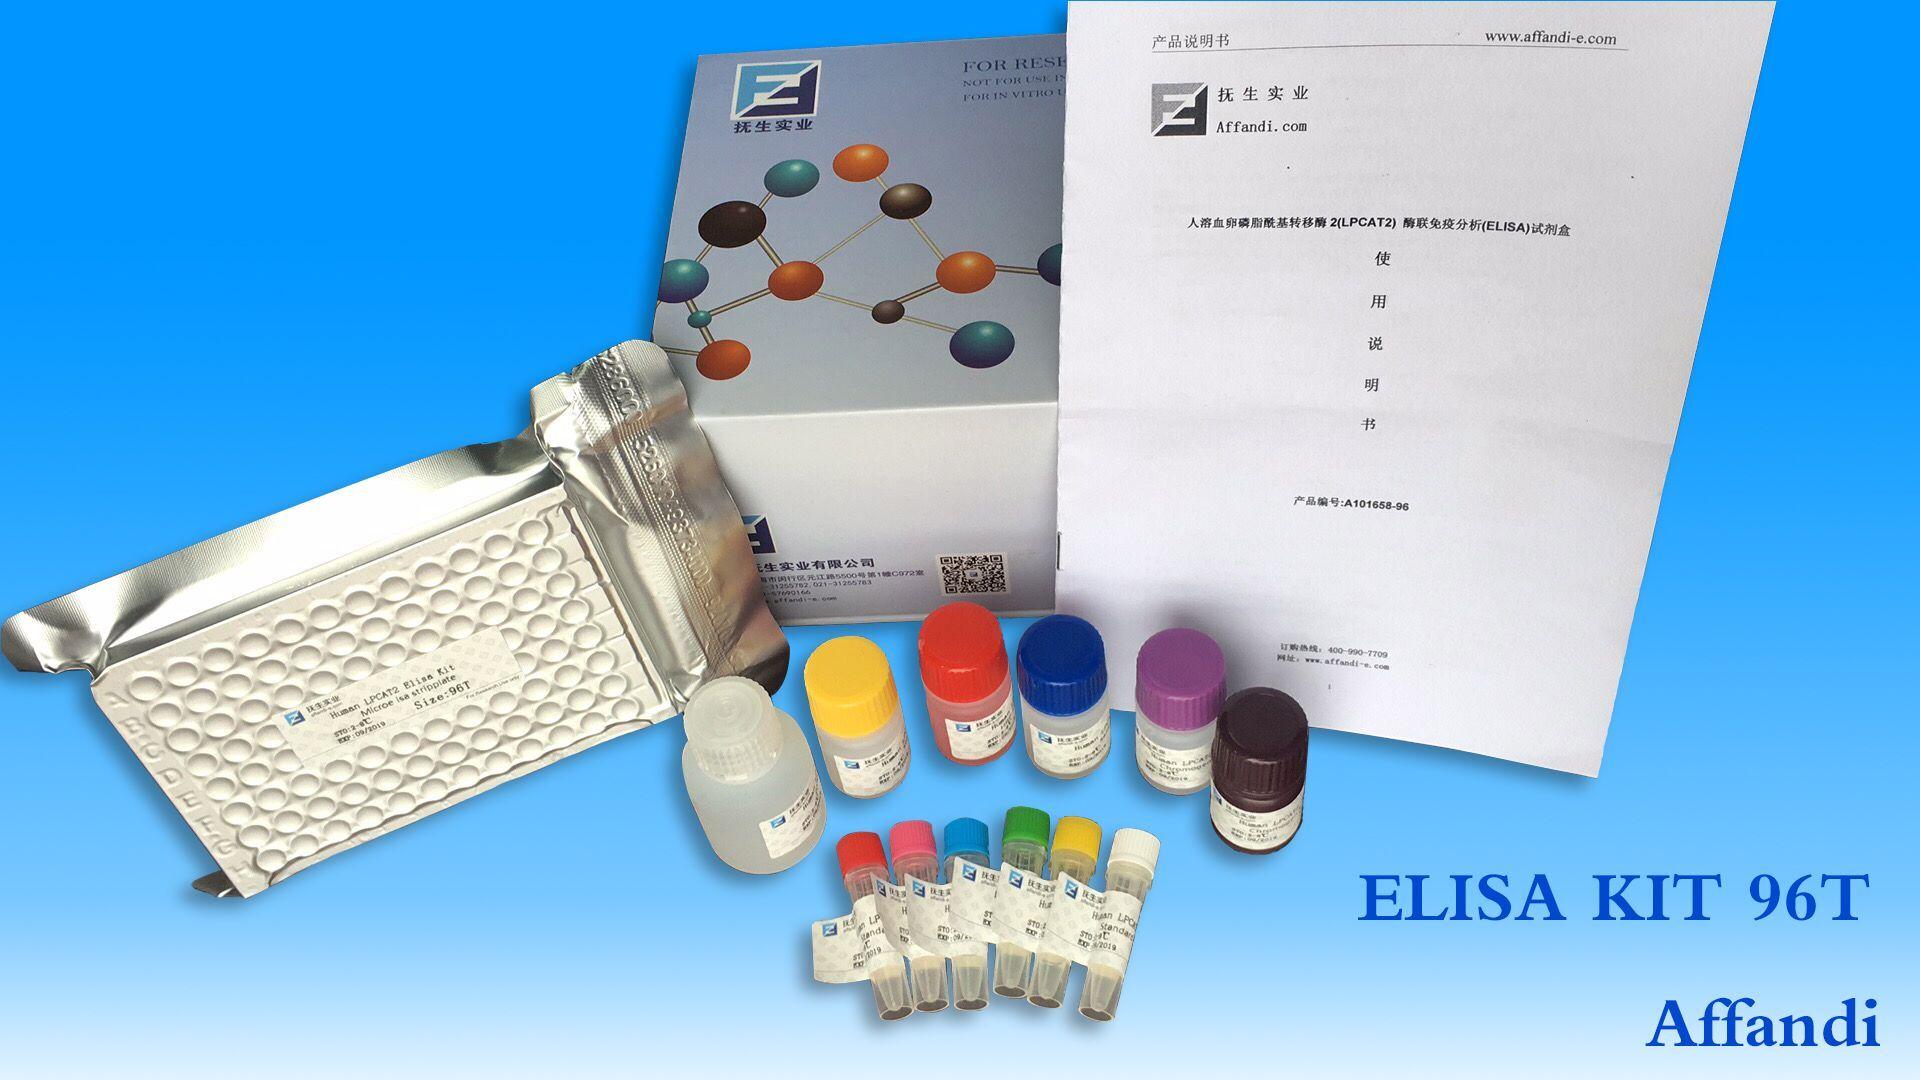 凝血因子Ⅺ抗原检测试剂盒 